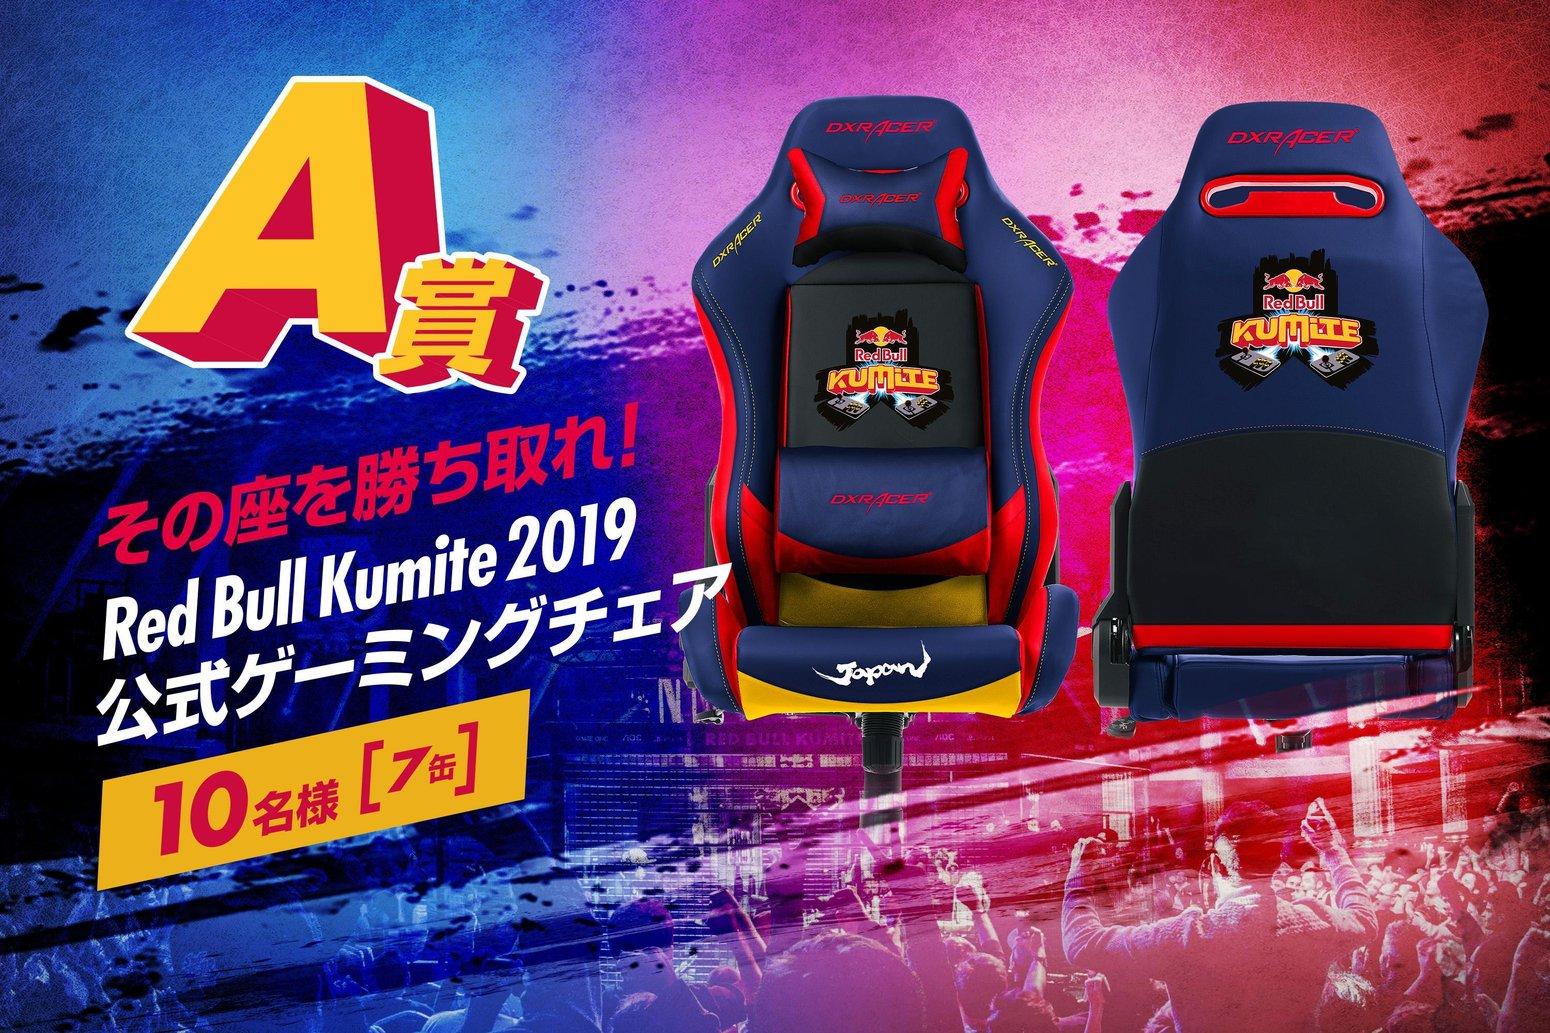 Red Bull Kumite 公式ゲーミングチェア